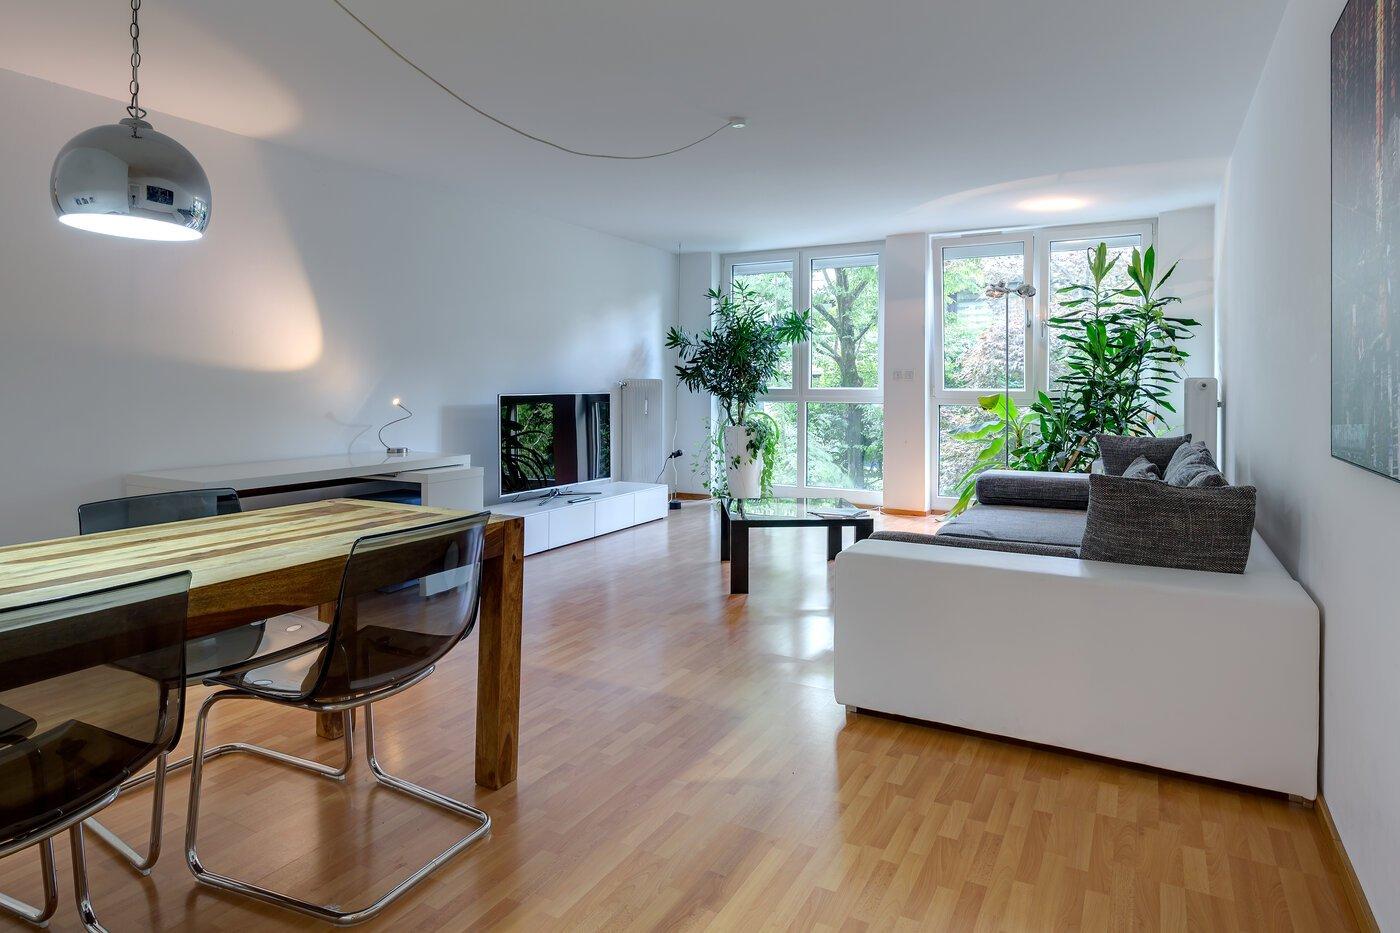 2 zimmer wohnung m bliert balkon m nchen schwabing 10148. Black Bedroom Furniture Sets. Home Design Ideas